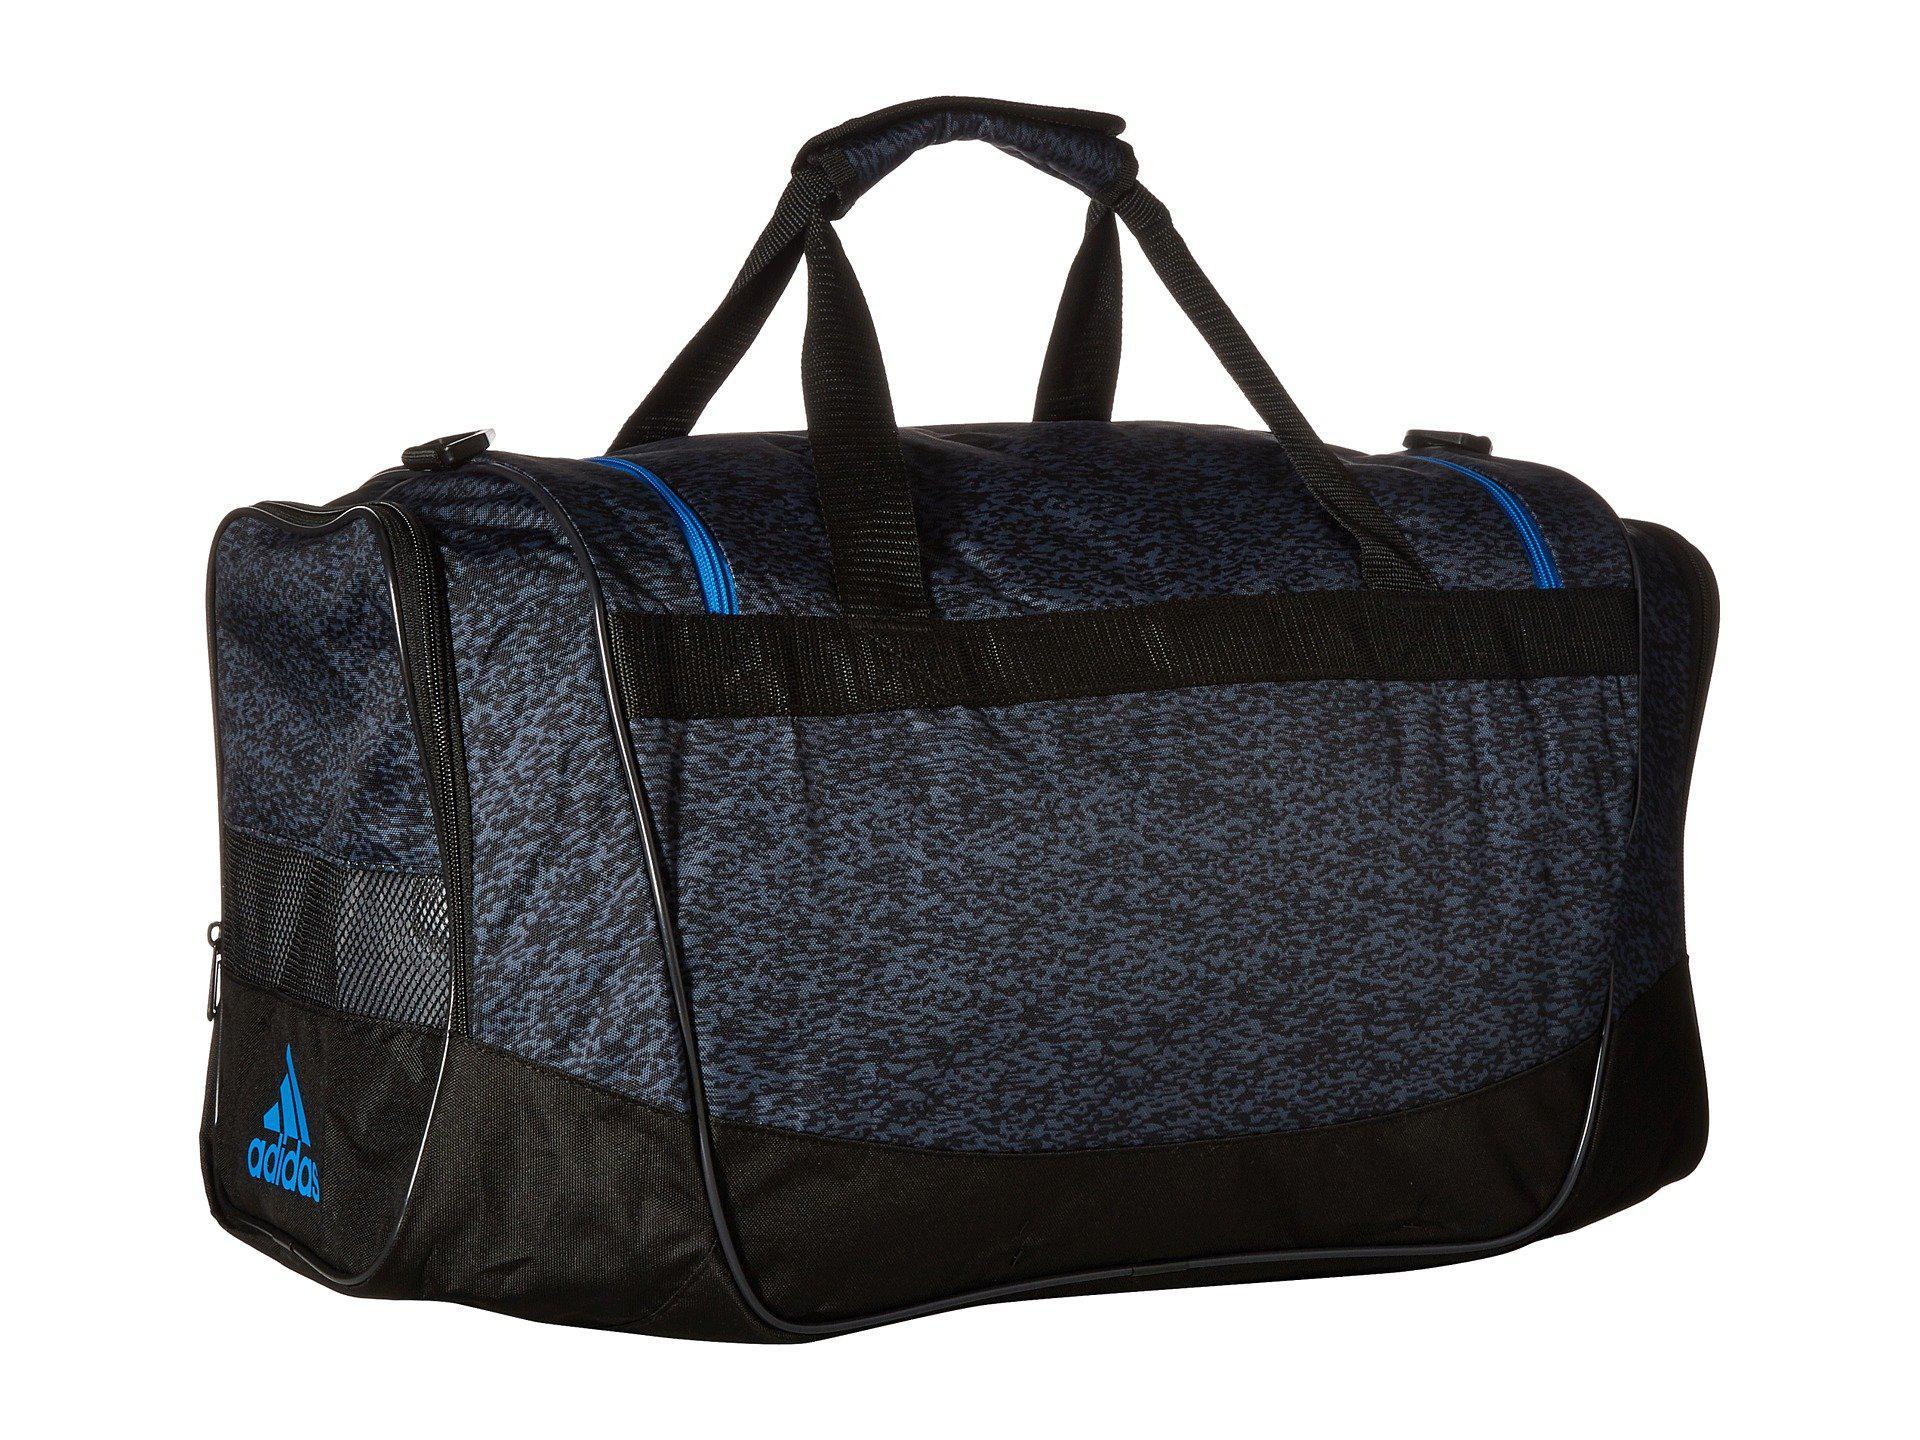 Lyst - Adidas Defender Iii Medium Duffel (collegiate Royal Blue ... bf38ed231bda2